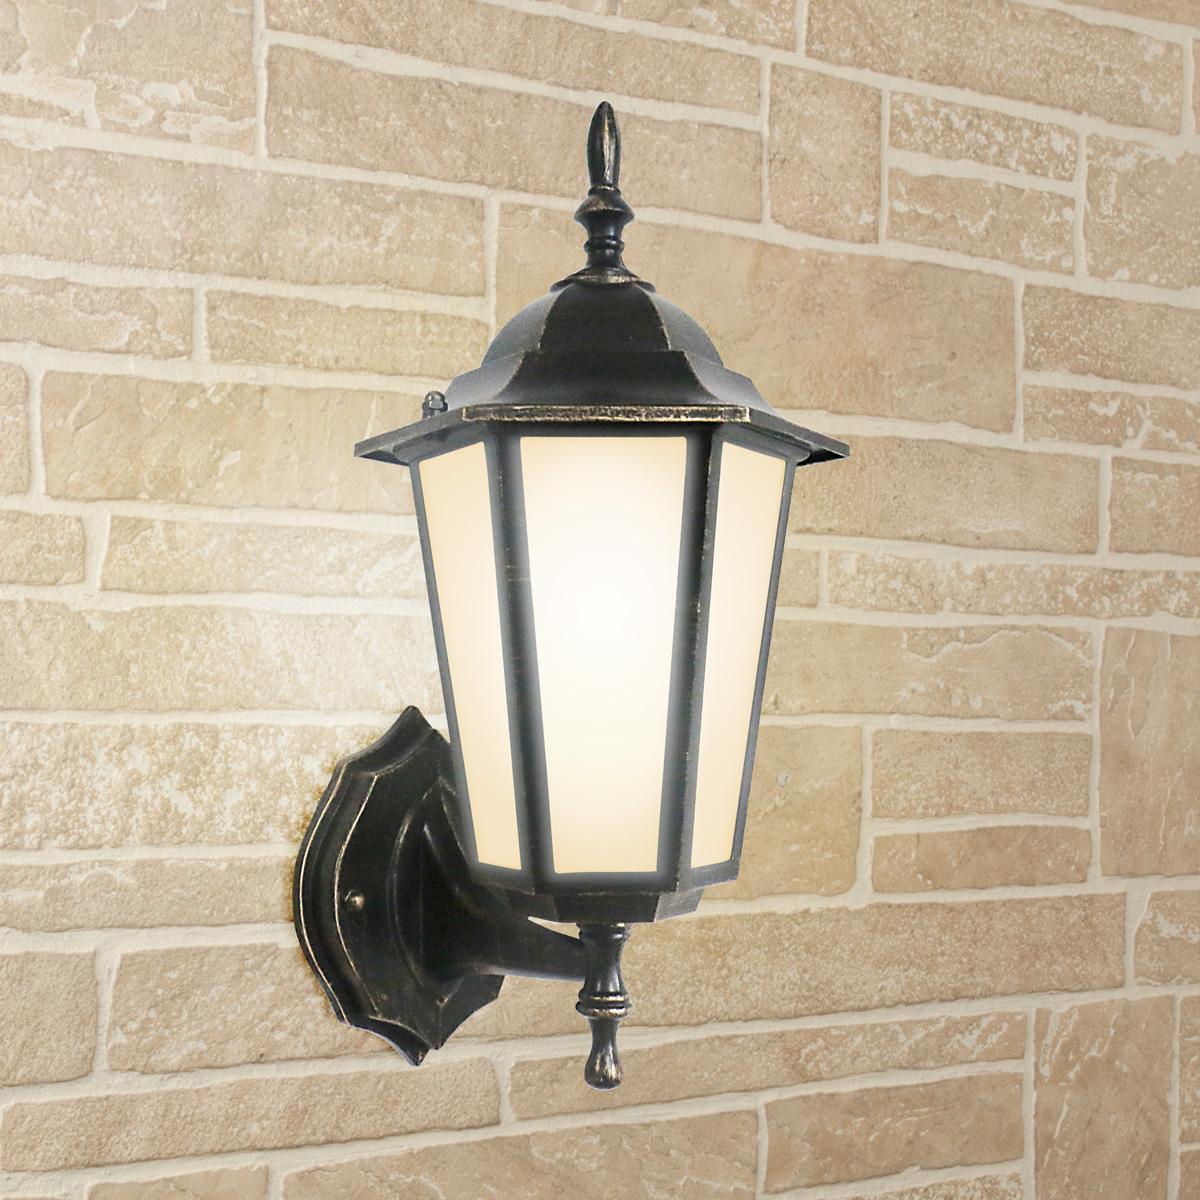 Уличный настеный светильник Elektrostandard 1004U черное золото 4690389085741 elektrostandard светильник уличный настенный elektrostandard gl 1004u черное золото 4690389085741